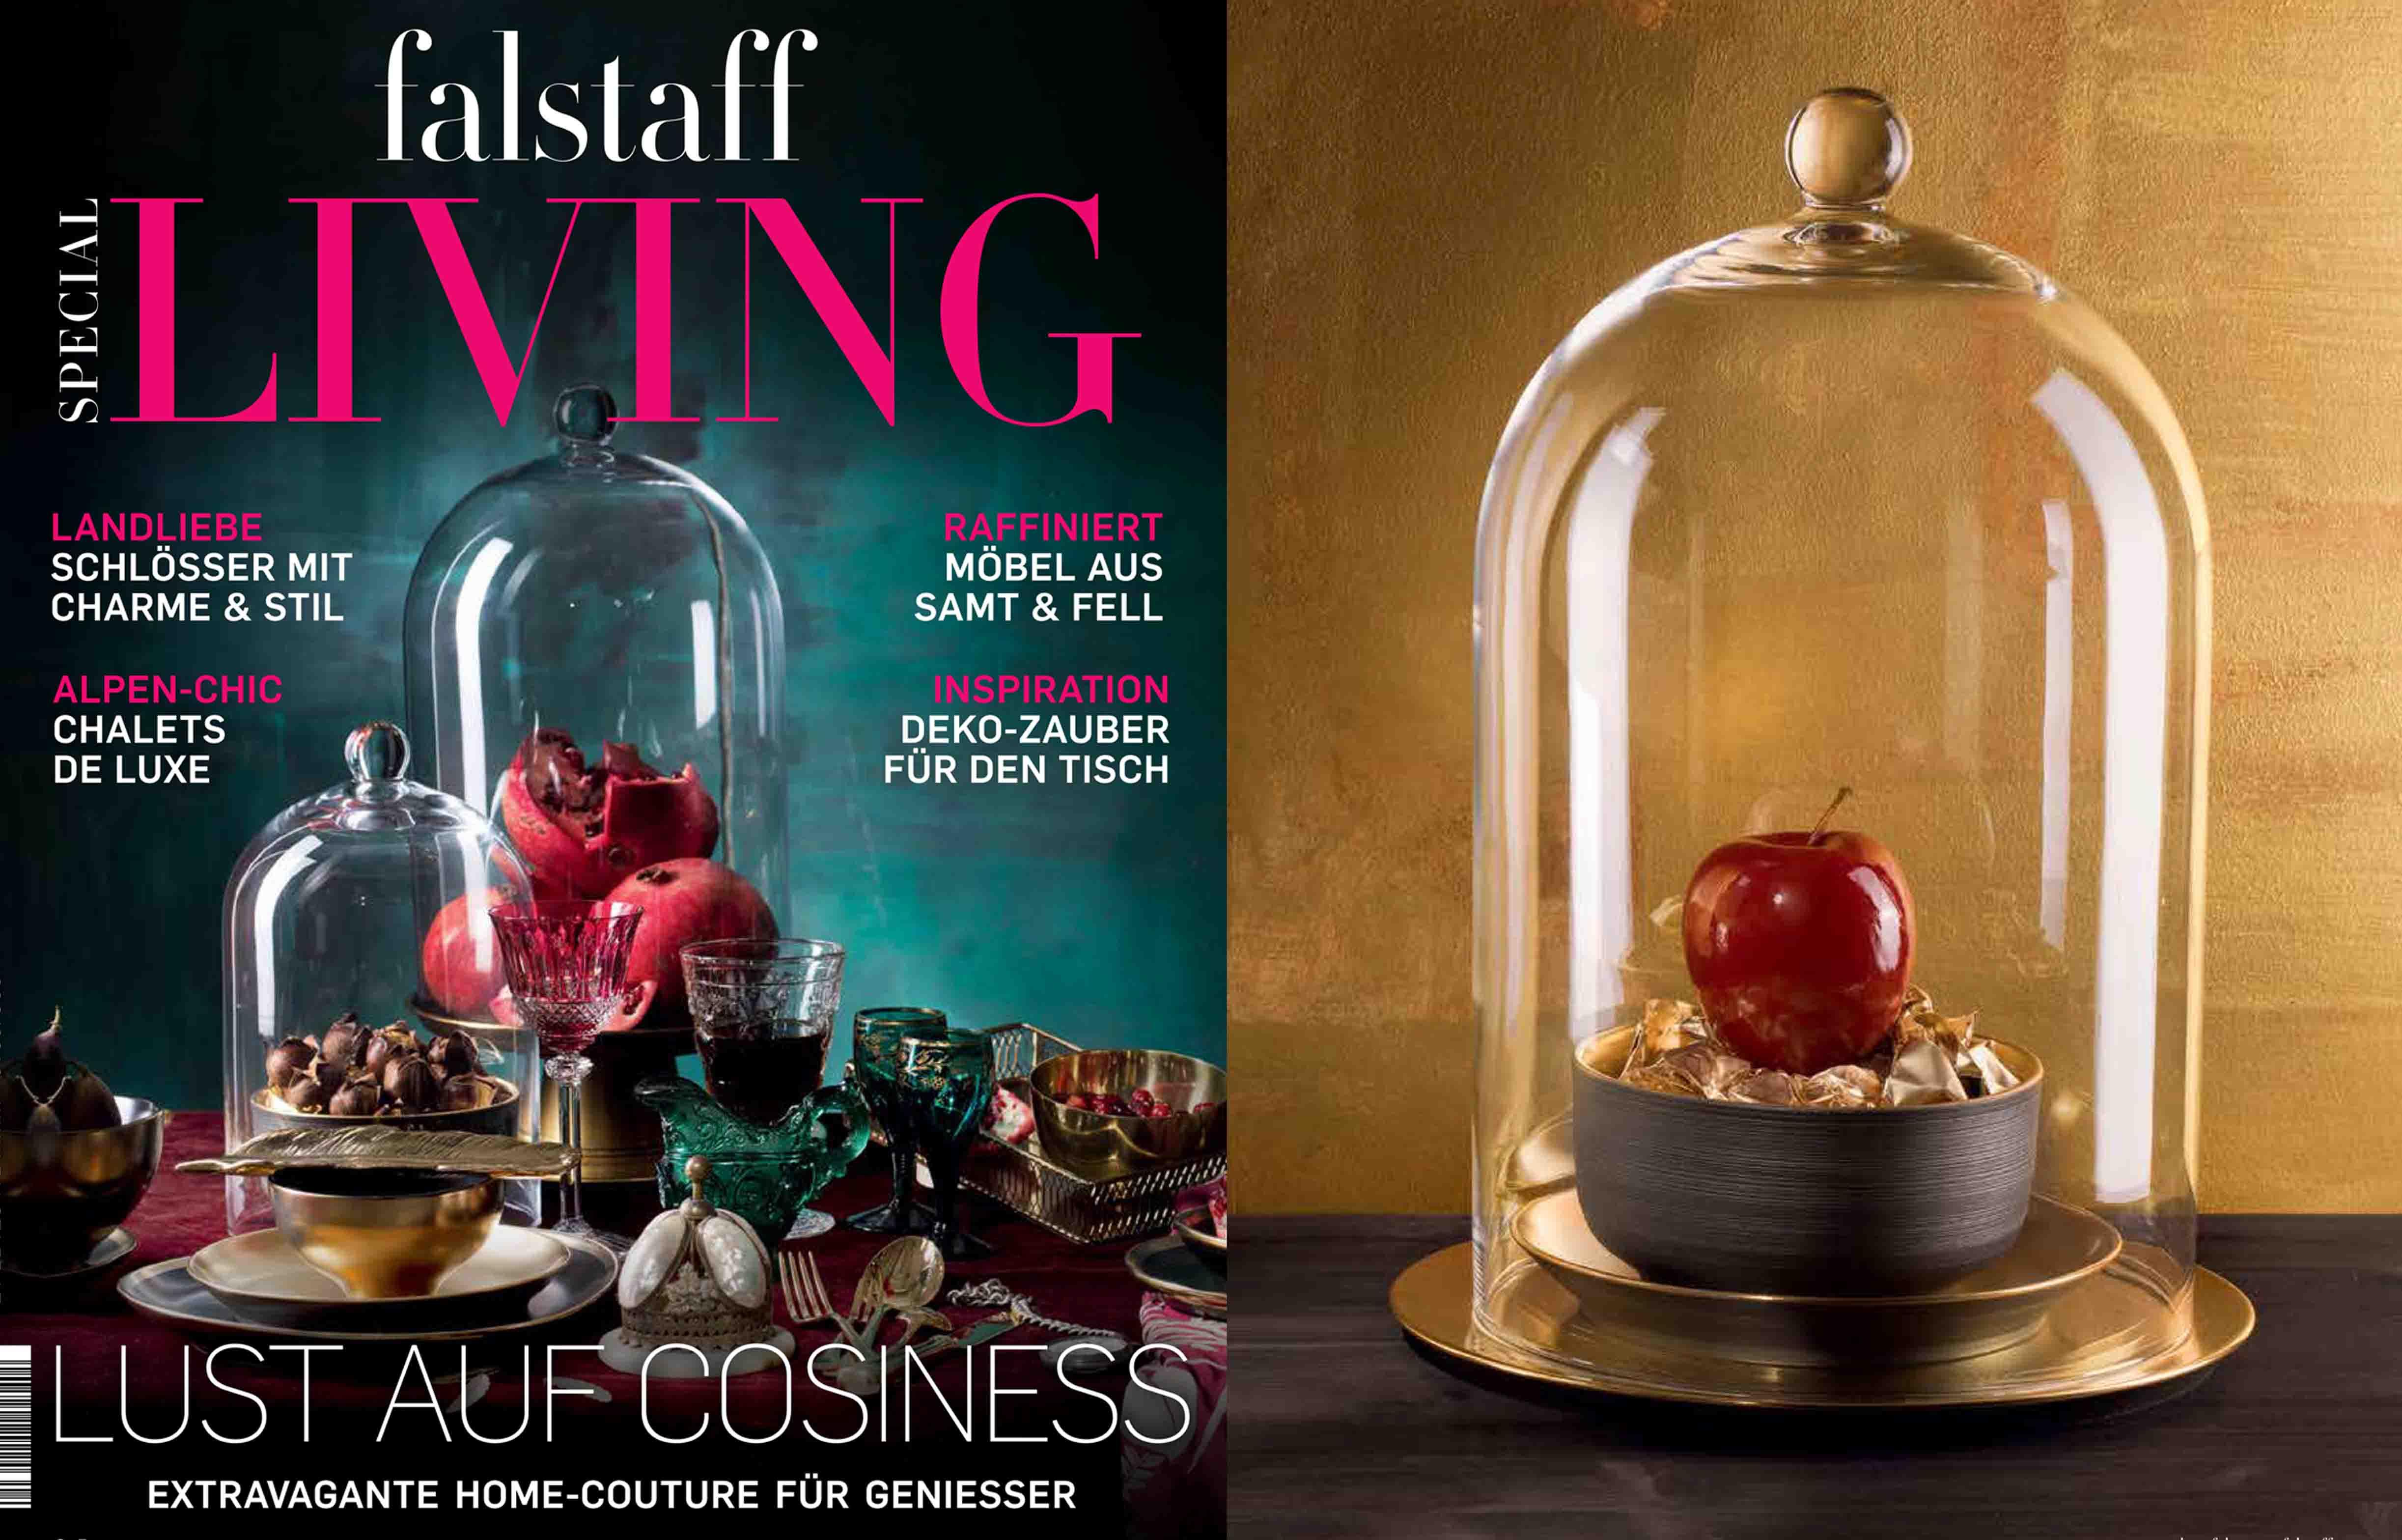 Falstaff living